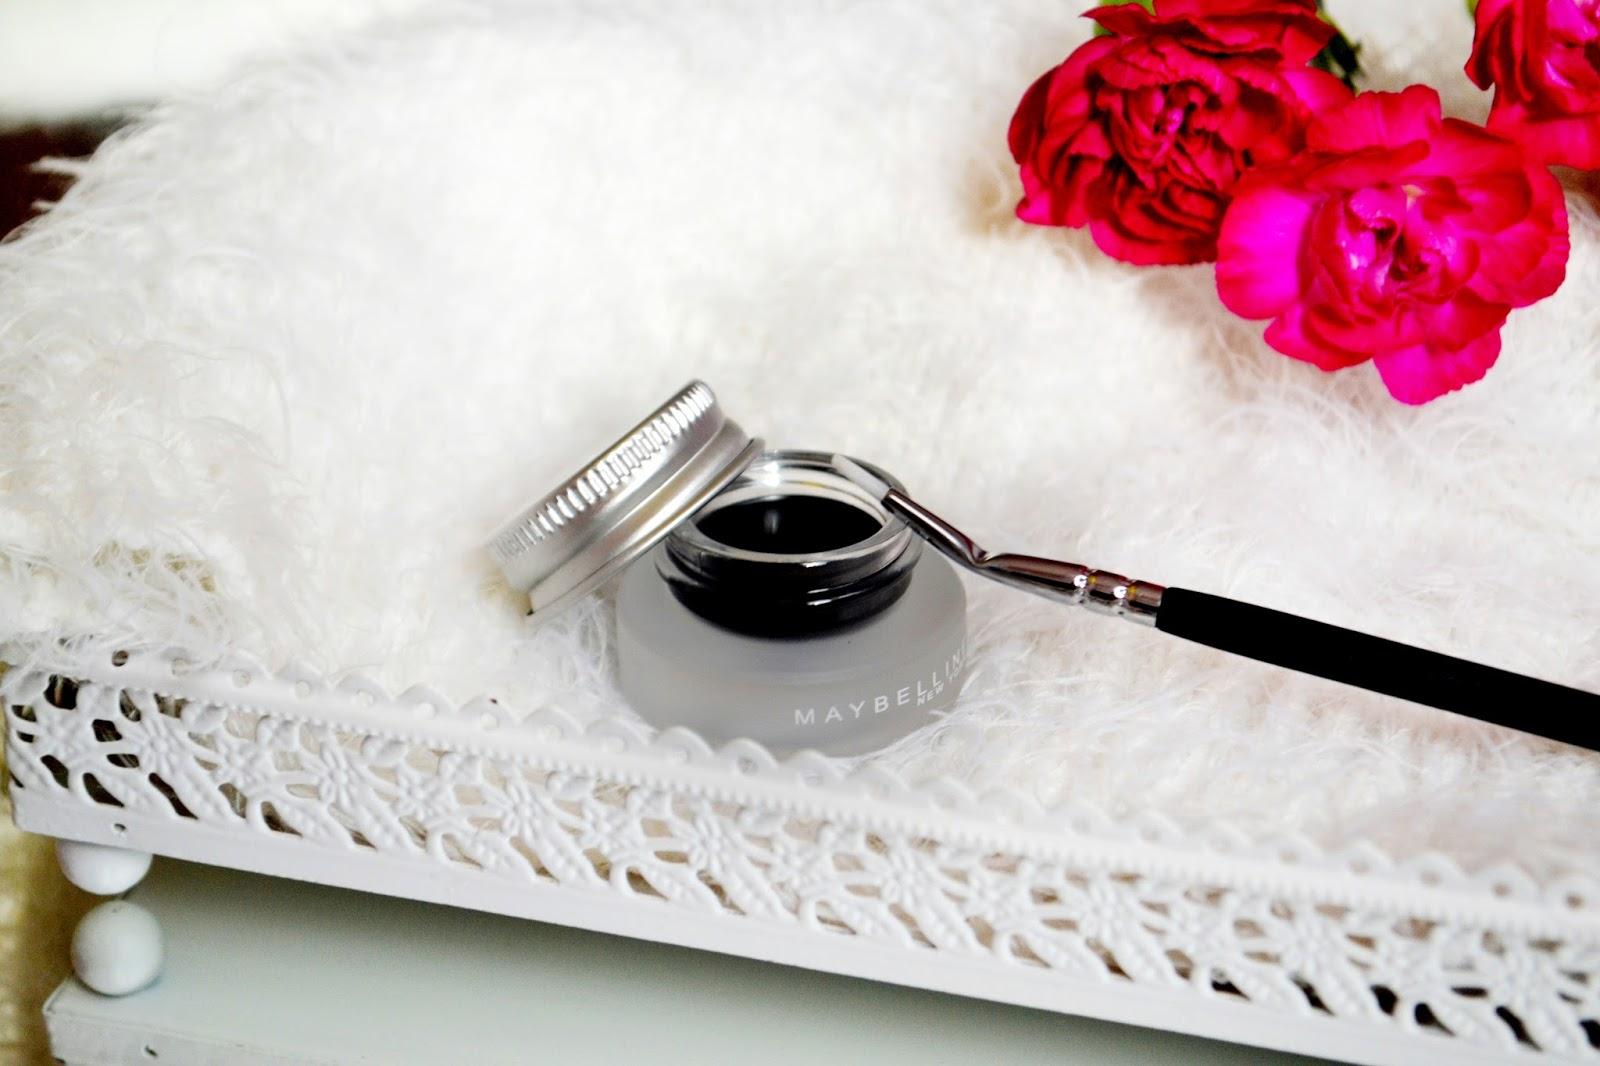 maybelline eyeliner w słoiczku